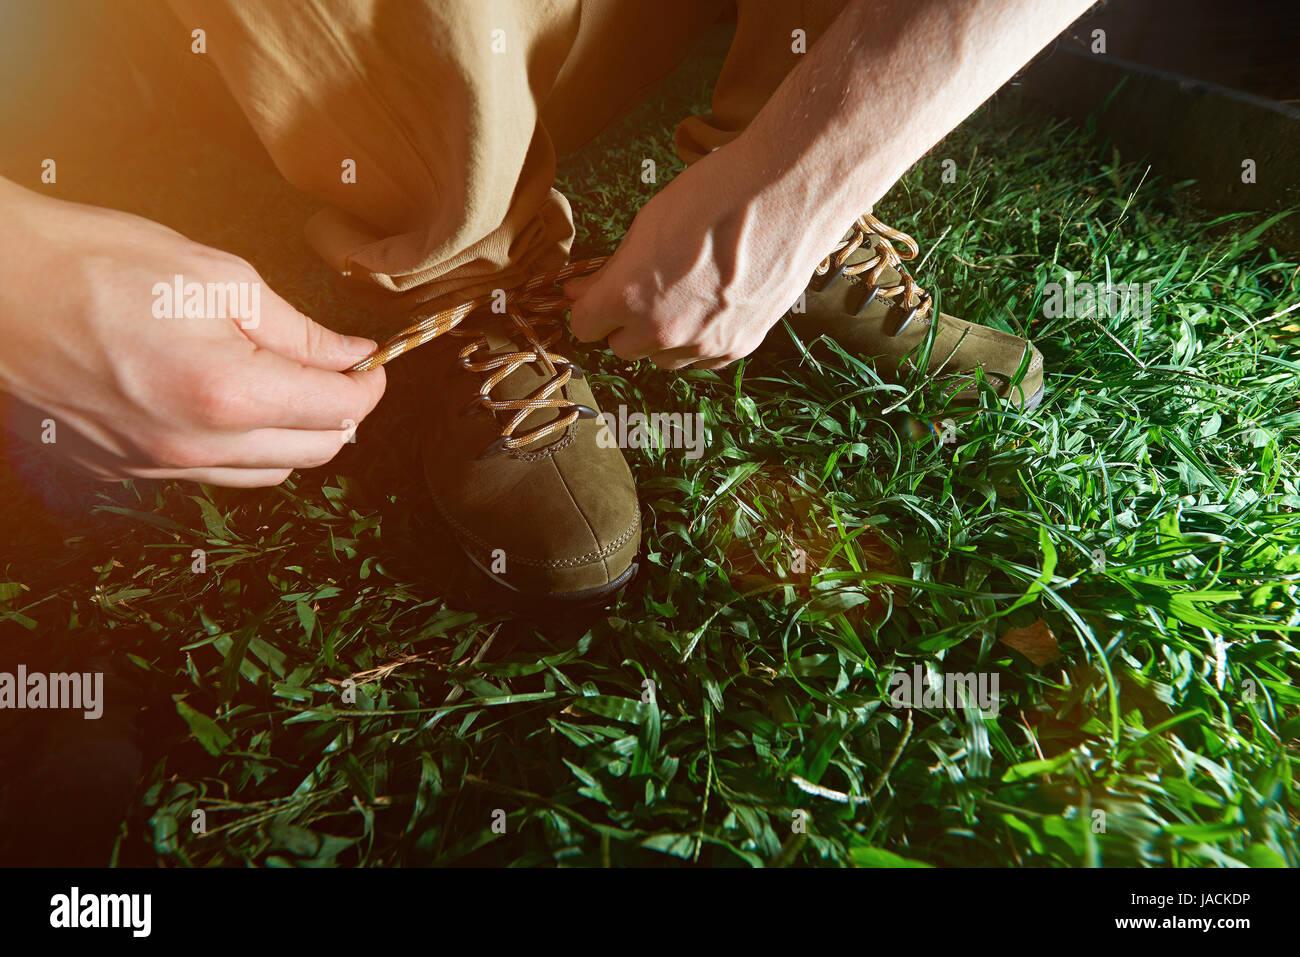 Lier l'homme sur ses lacets de chaussures active libre fond d'herbe verte Banque D'Images